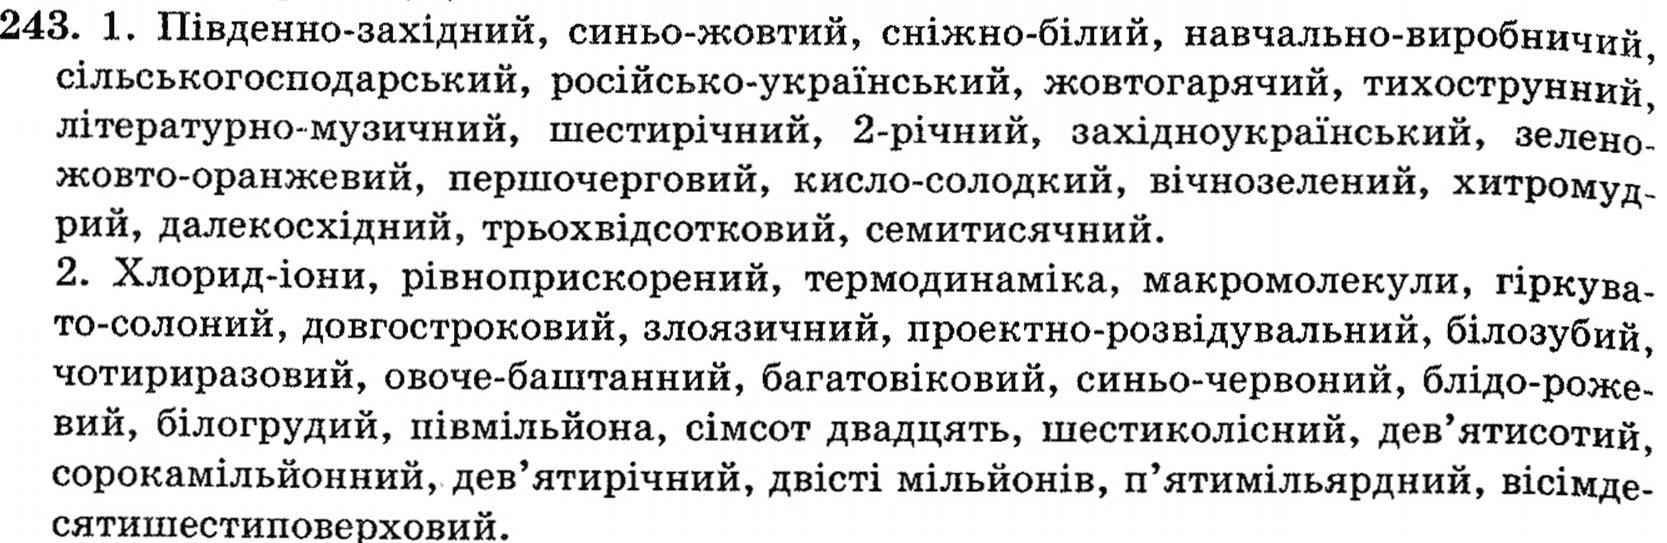 Решебник с украинской мовы